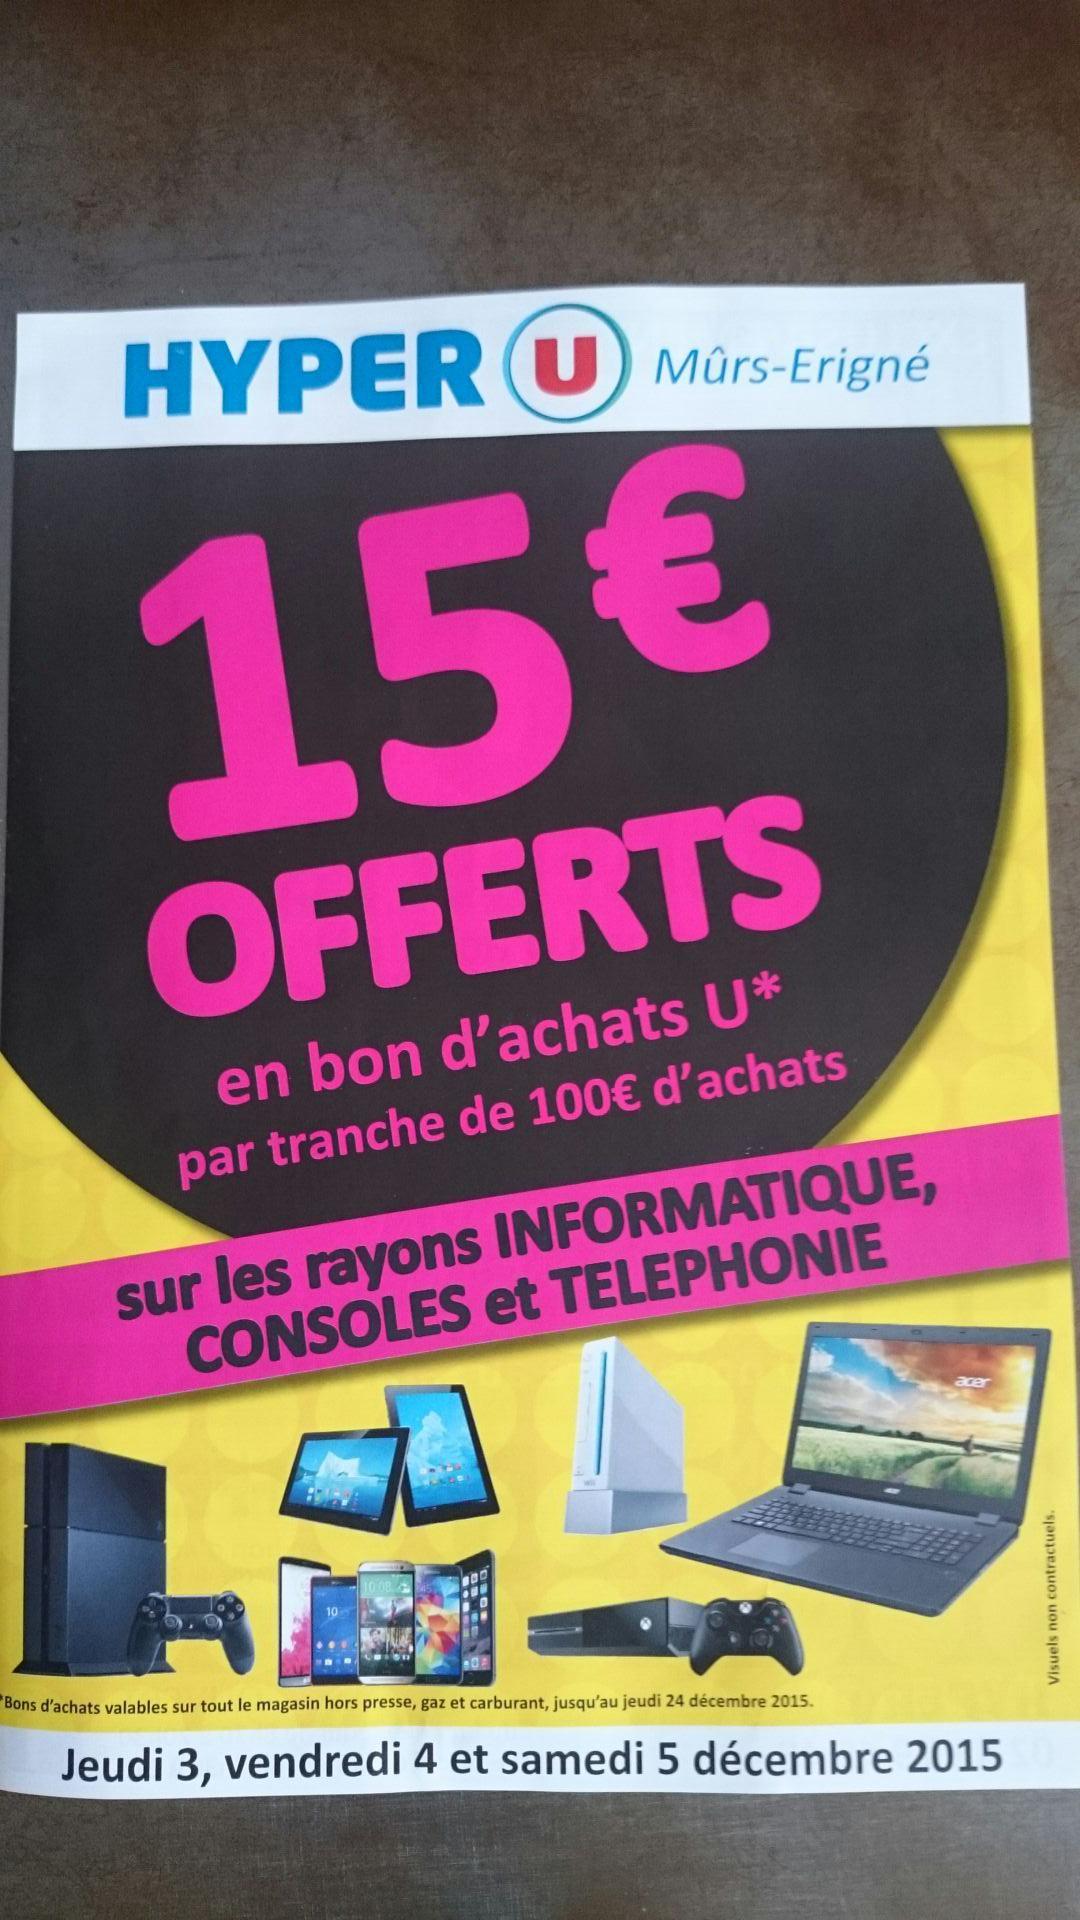 15€ offerts en bon d'achat par tranche de 100€ d'achat sur les rayons Informatique, Console et Telephone